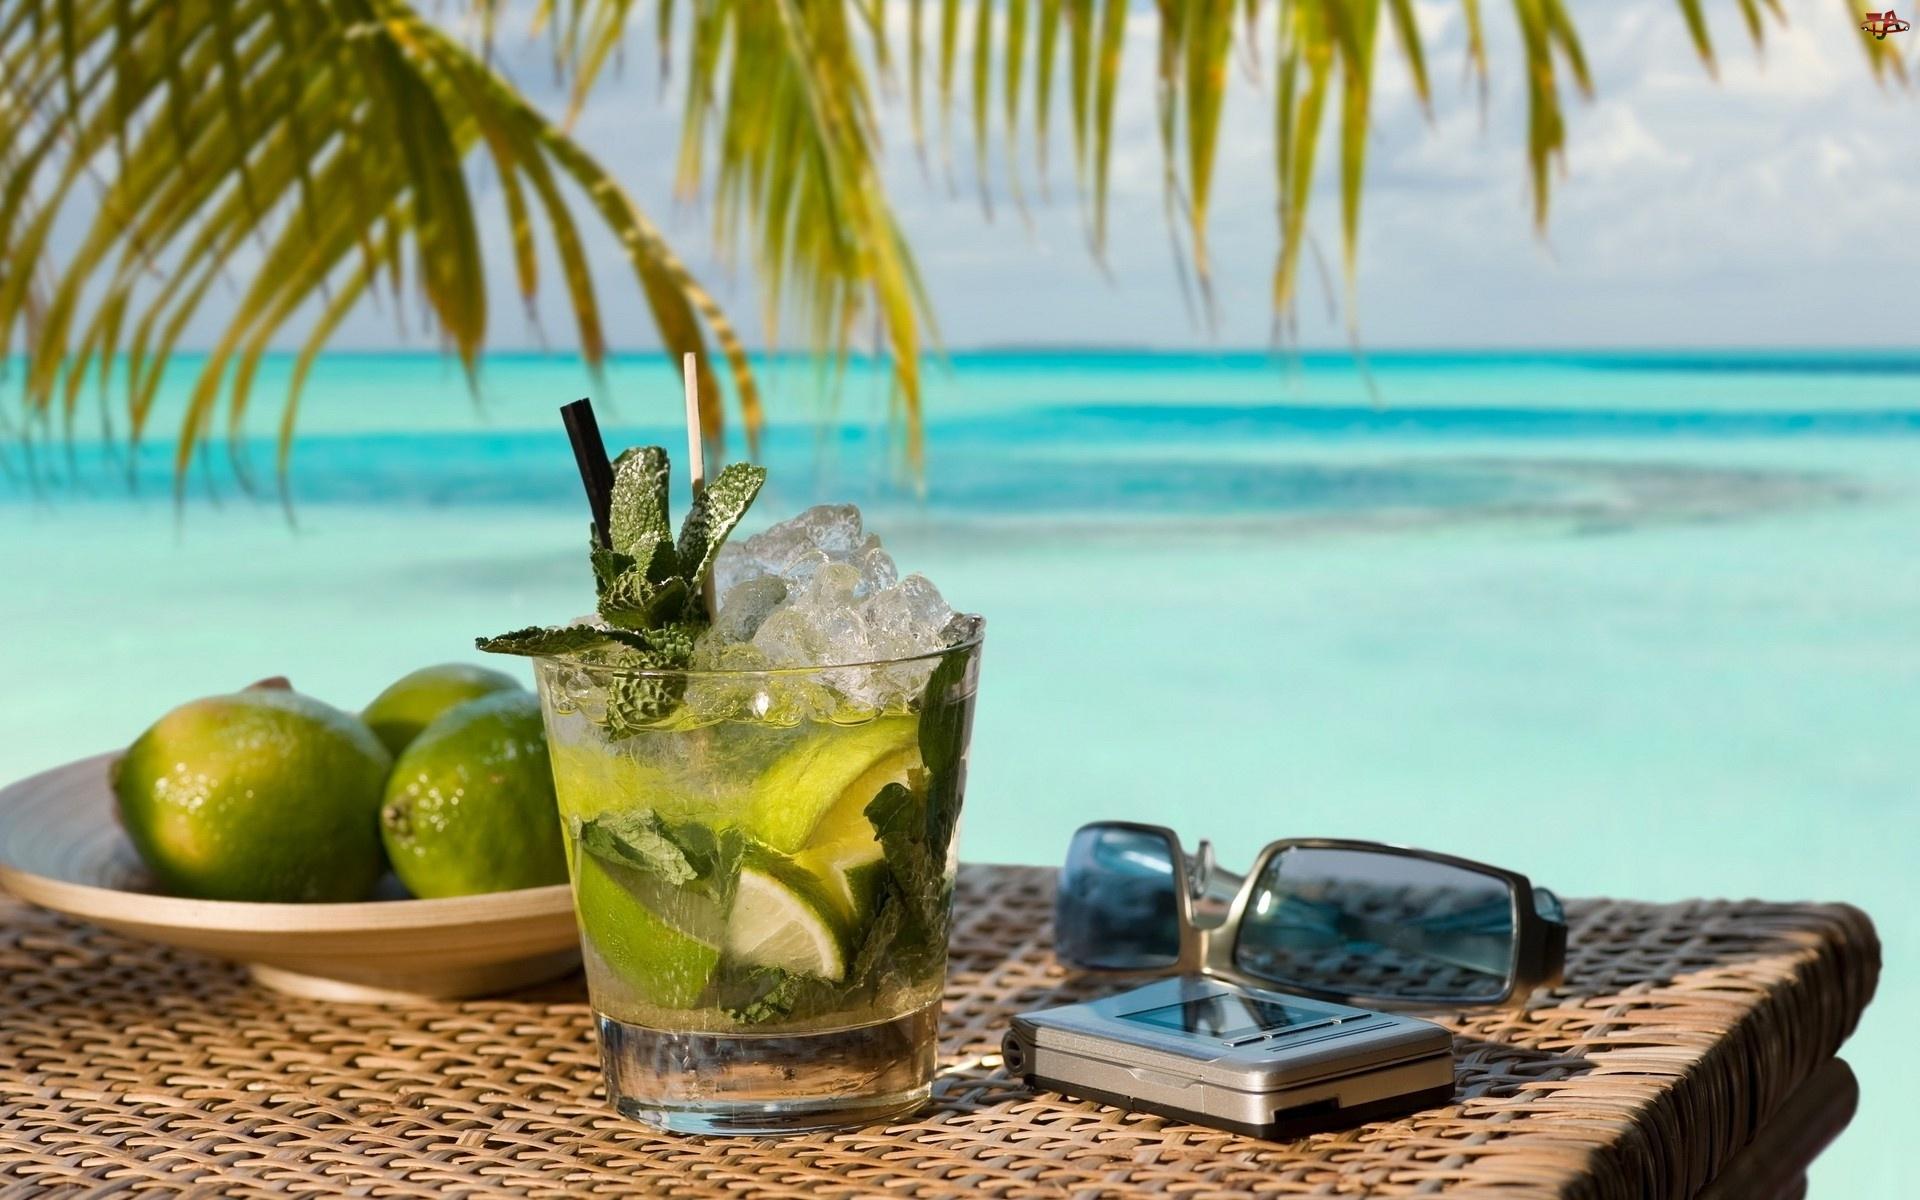 Limonki, Przeciwsłoneczne, Szklanka, Drink, Okulary